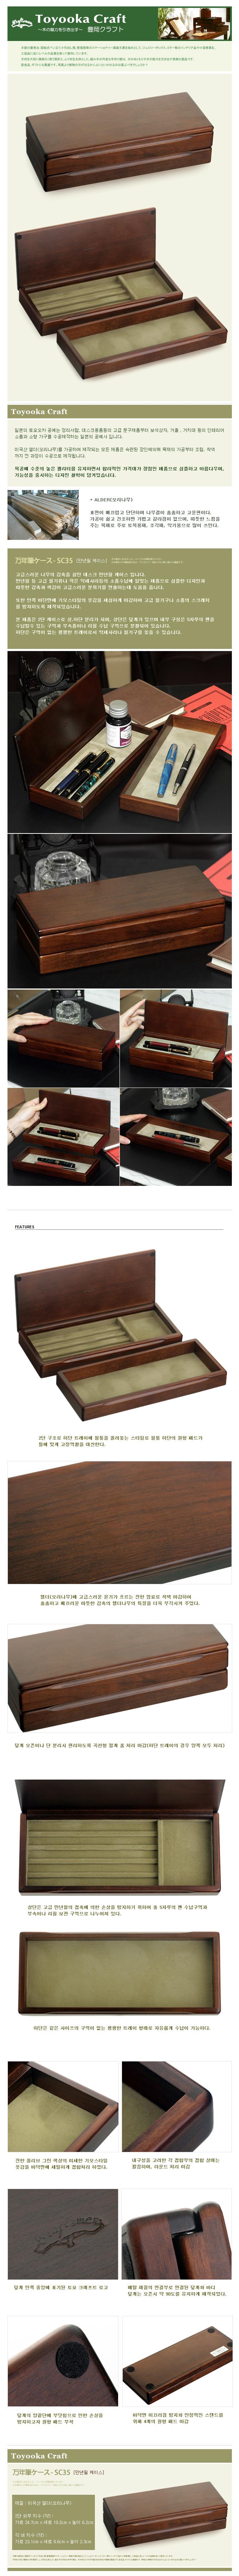 토요오카 크라프트 만년필 케이스 SC35 - Bestpen1, 126,000원, 데스크가구, 데스크 정리함